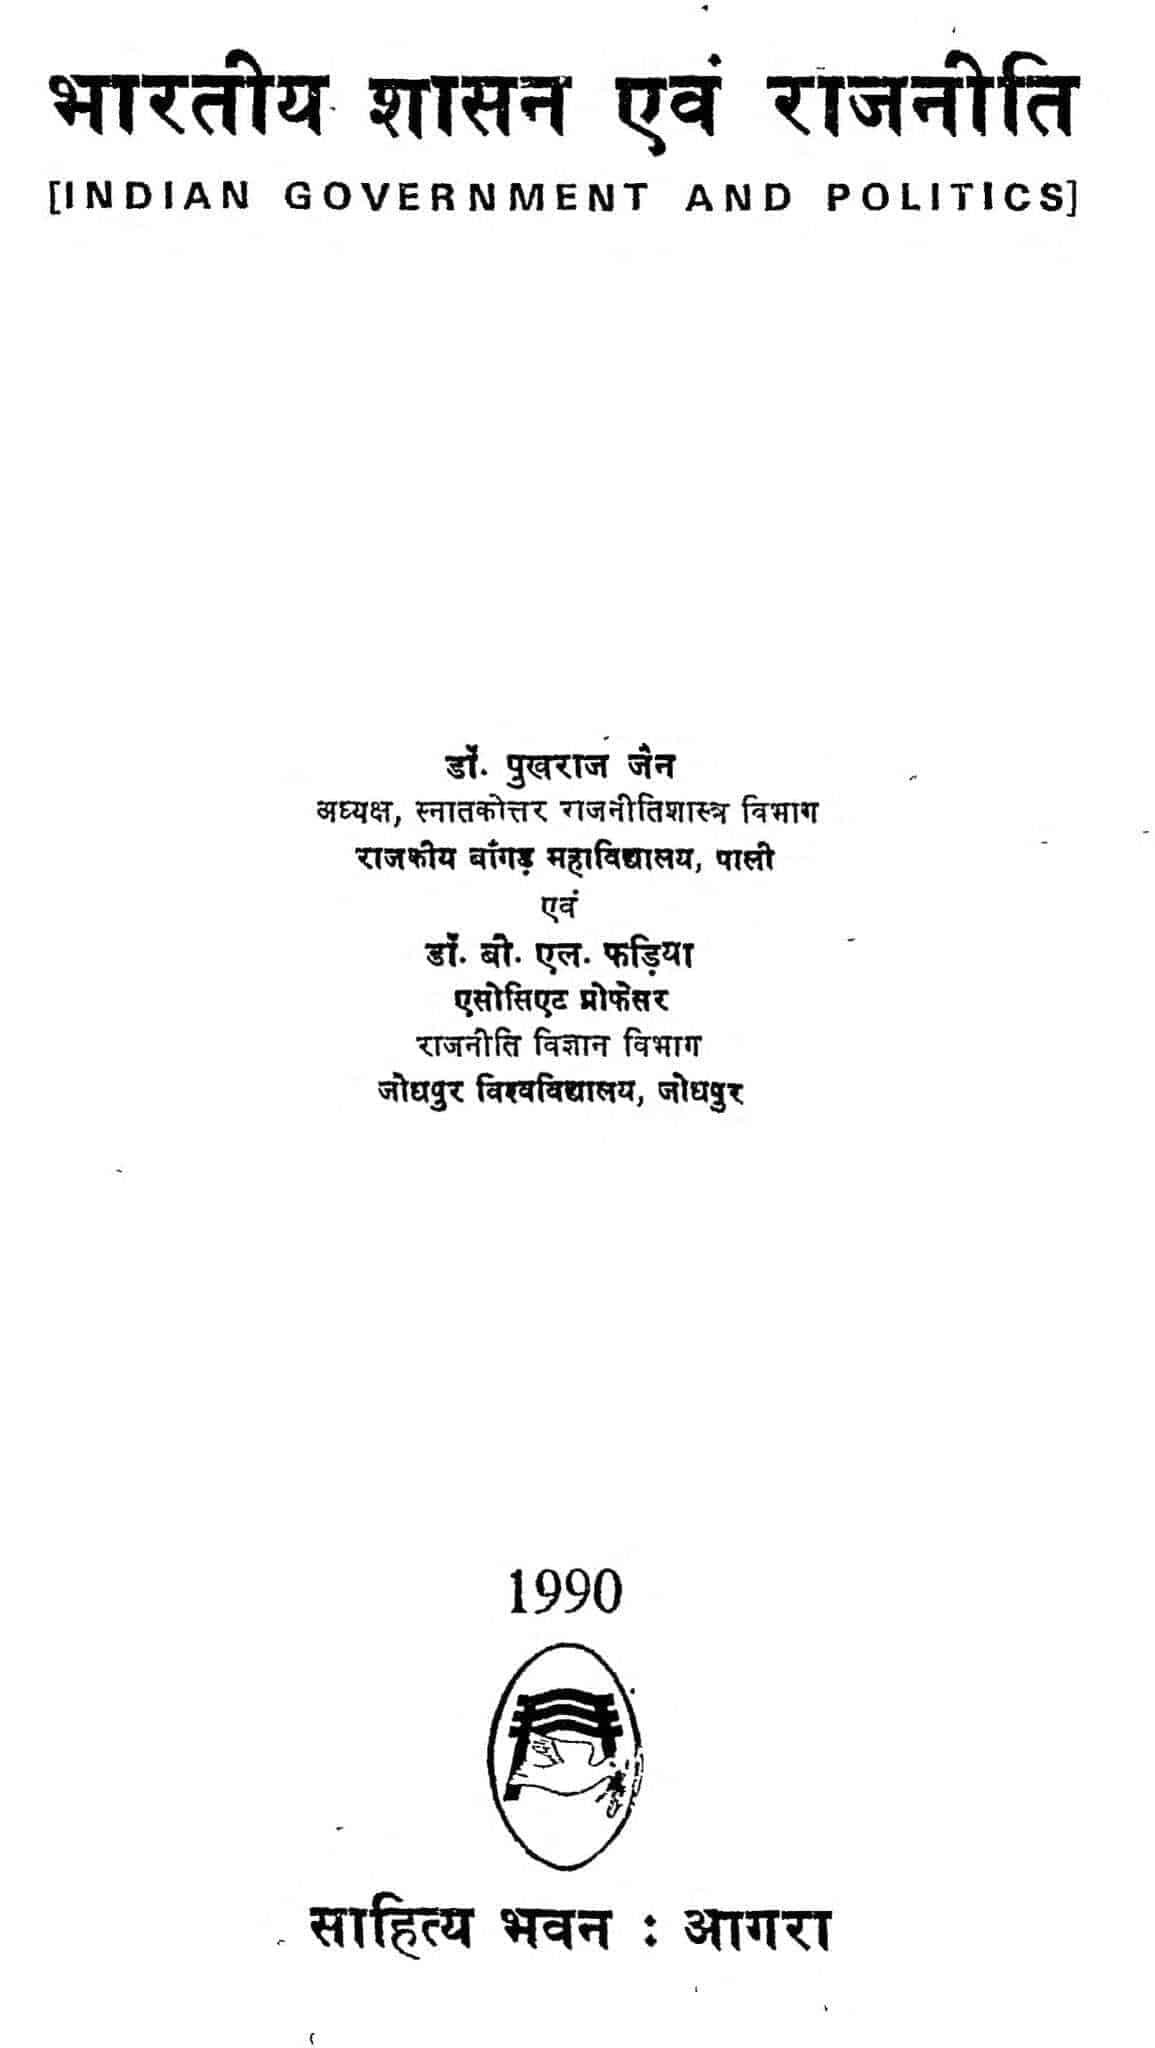 Bhartiya Shasan Evam Rajniti  by डॉ. पुखराज जैन - Dr. Pukhraj Jain